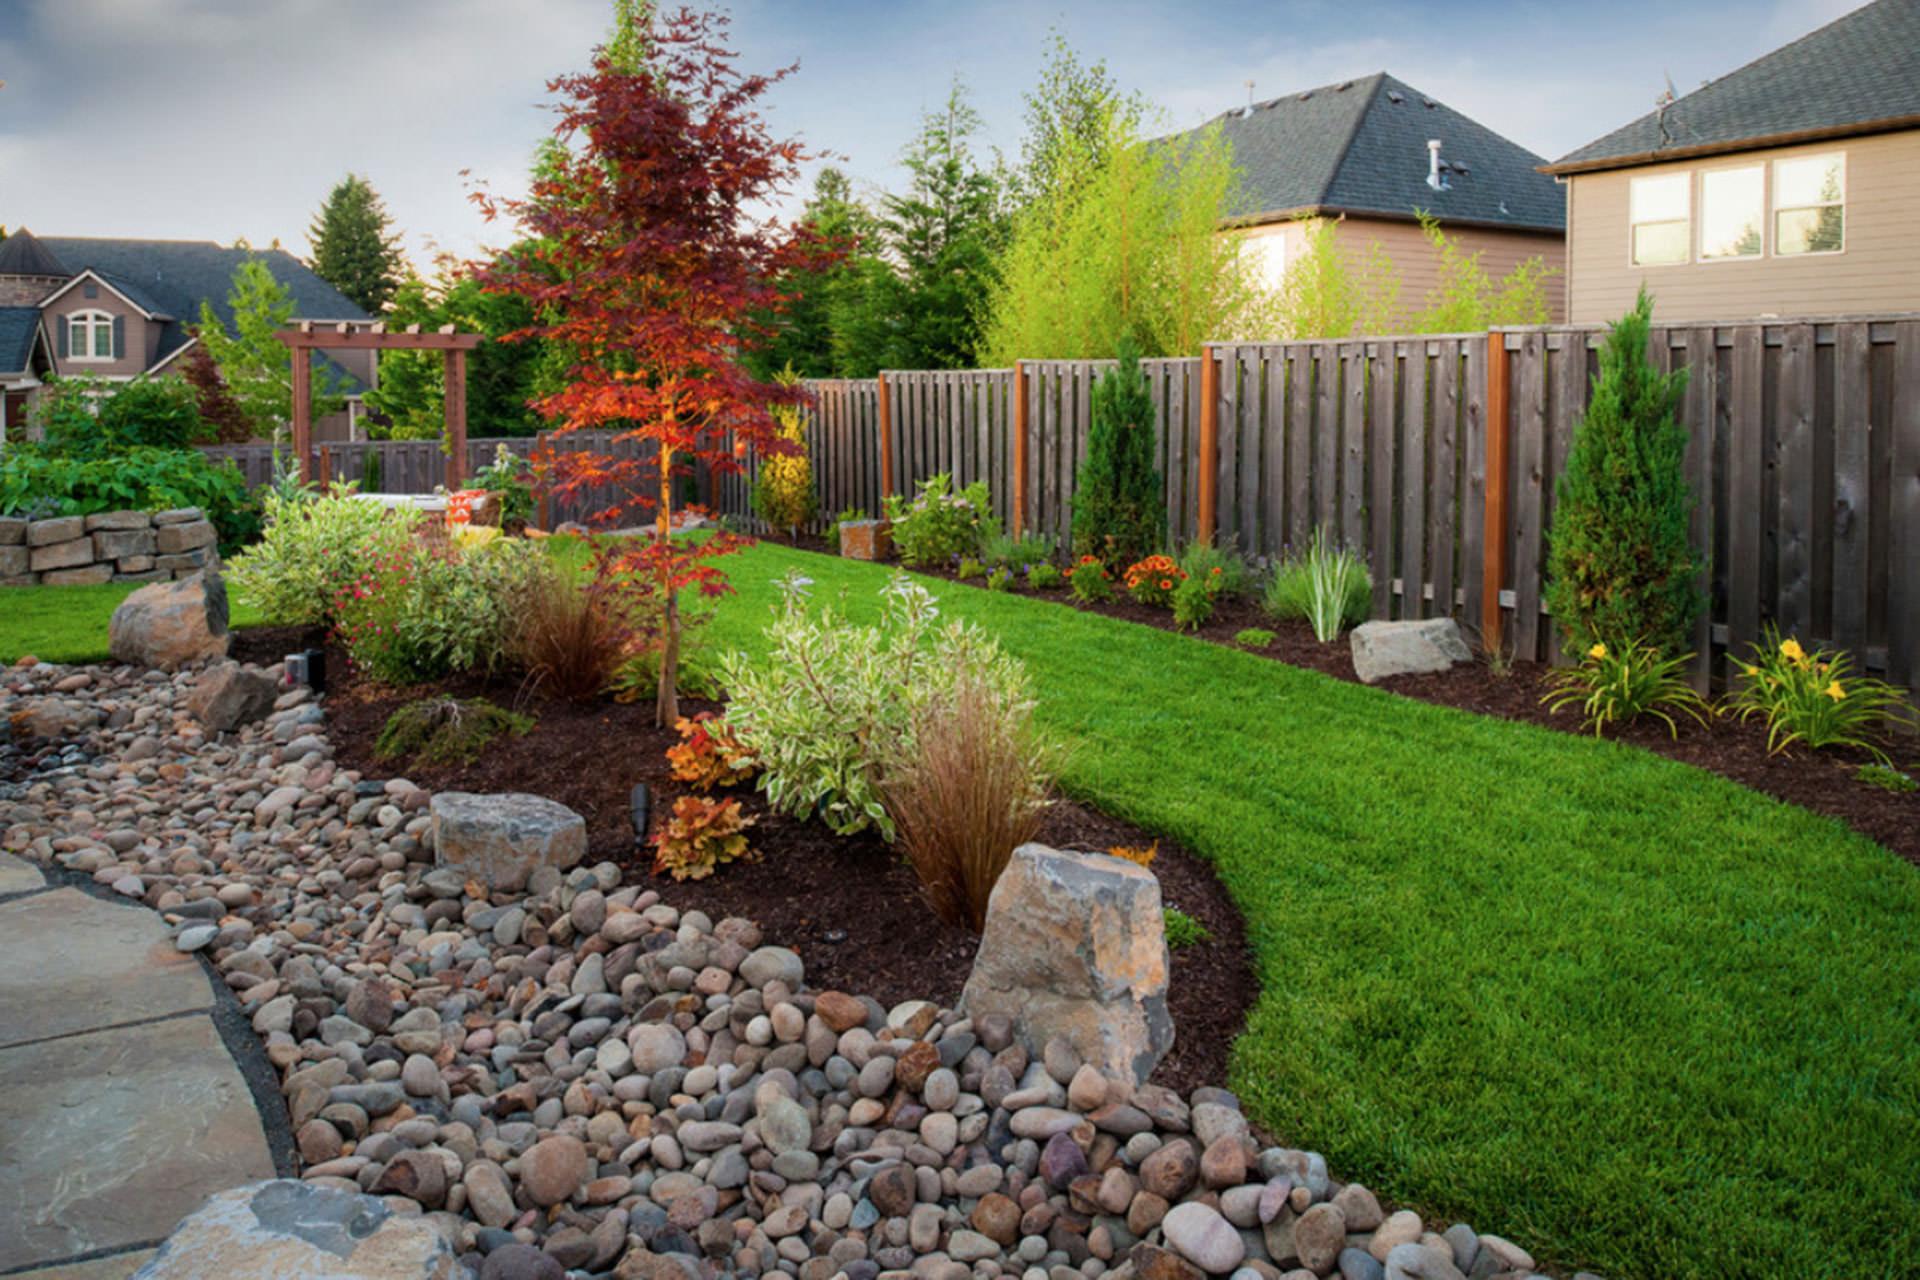 Kitchen Herb Garden Design Garden Design Garden Design With Landscape Architecture On